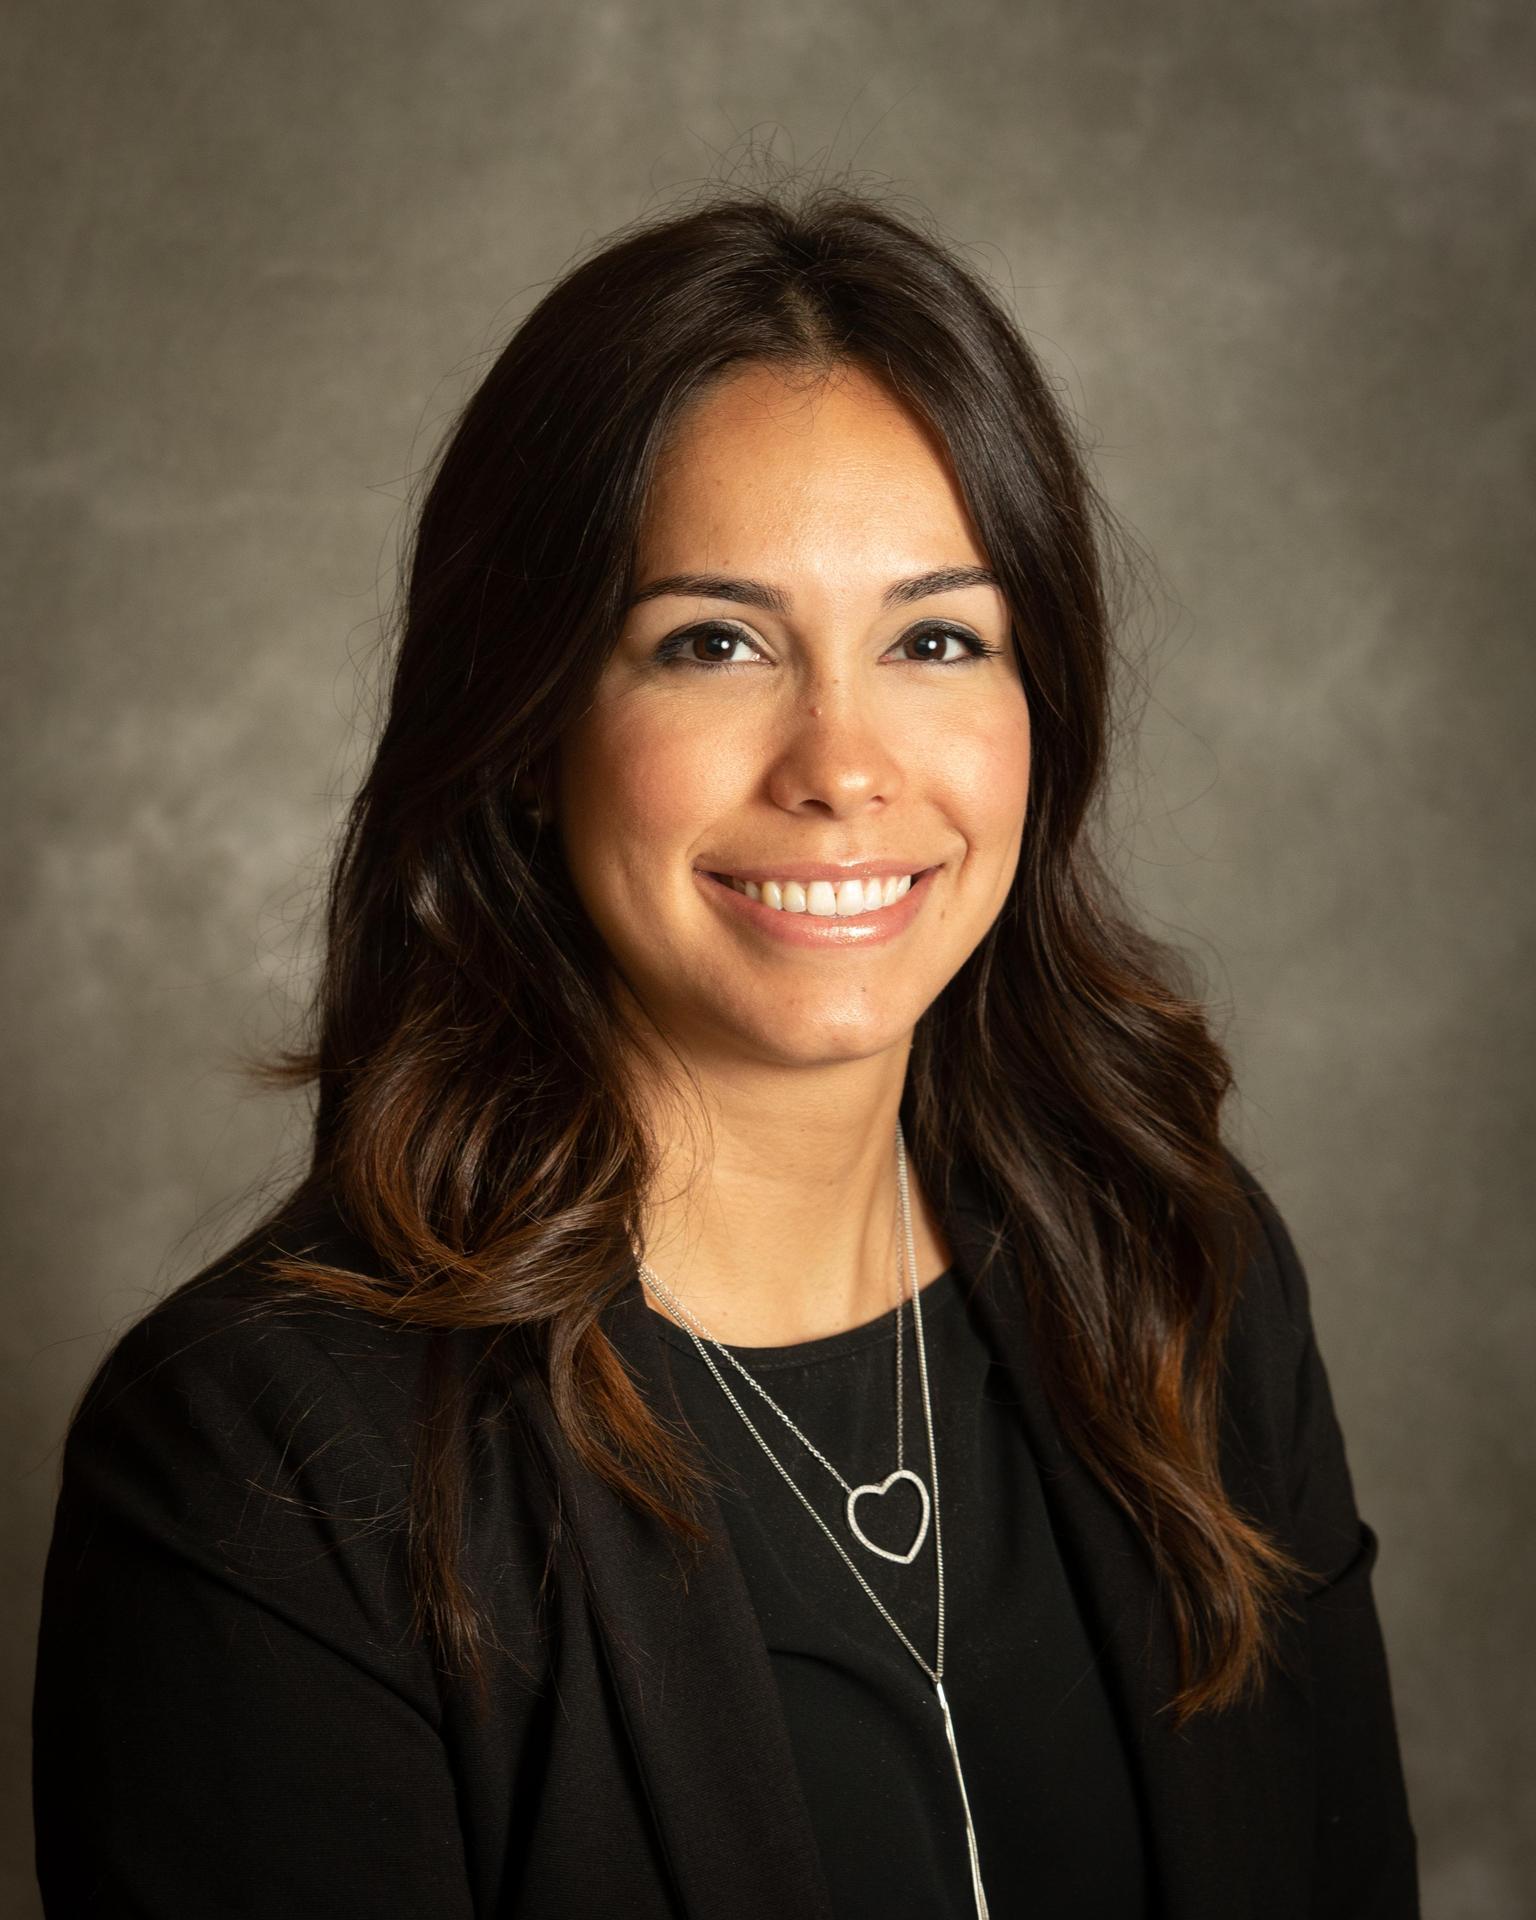 Carla Escribano